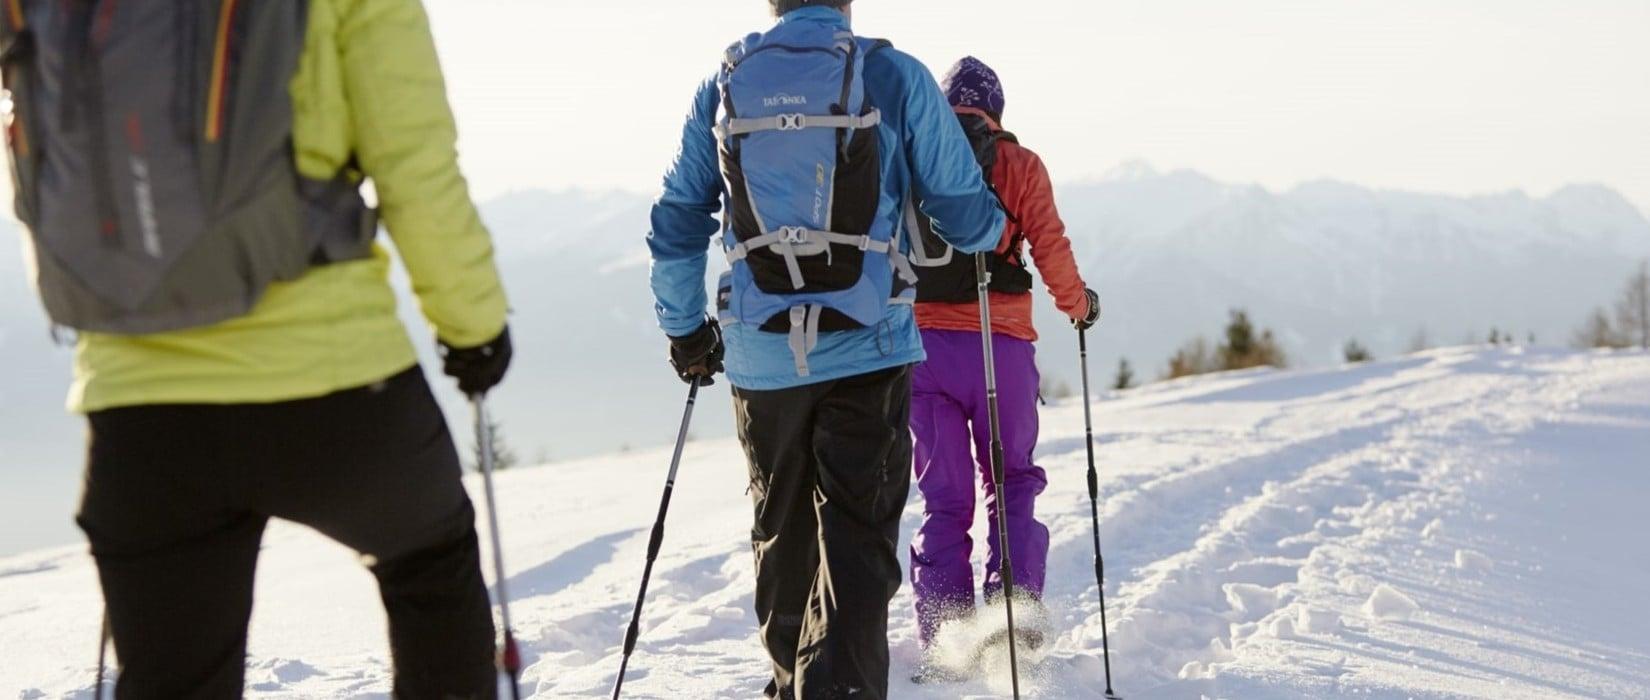 Ultimi sgoccioli di inverno nei Vitalpina Hotels Südtirol